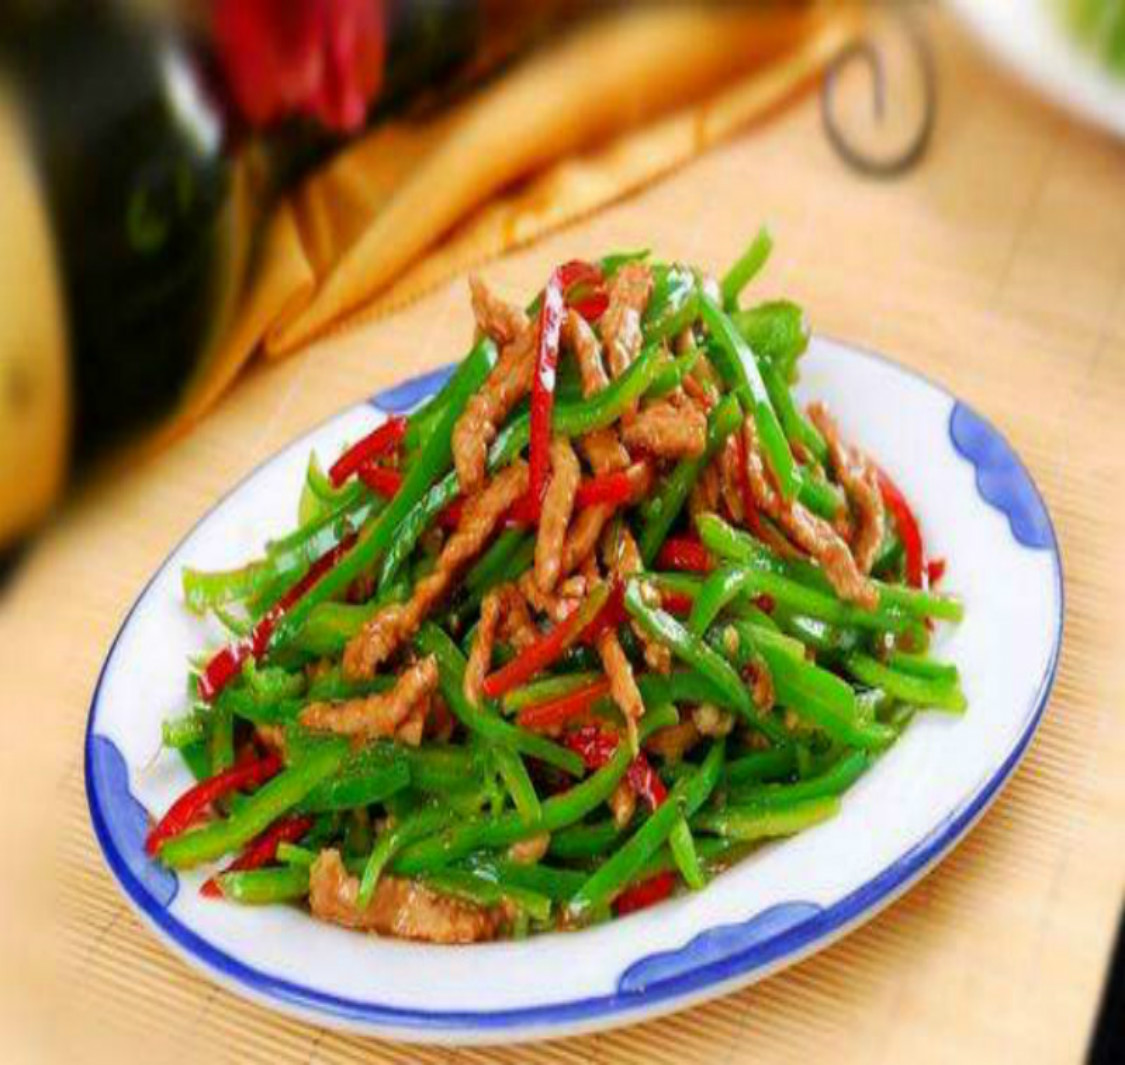 冲冠特价 青椒炒肉丝  三亚聪润海鲜餐馆订餐